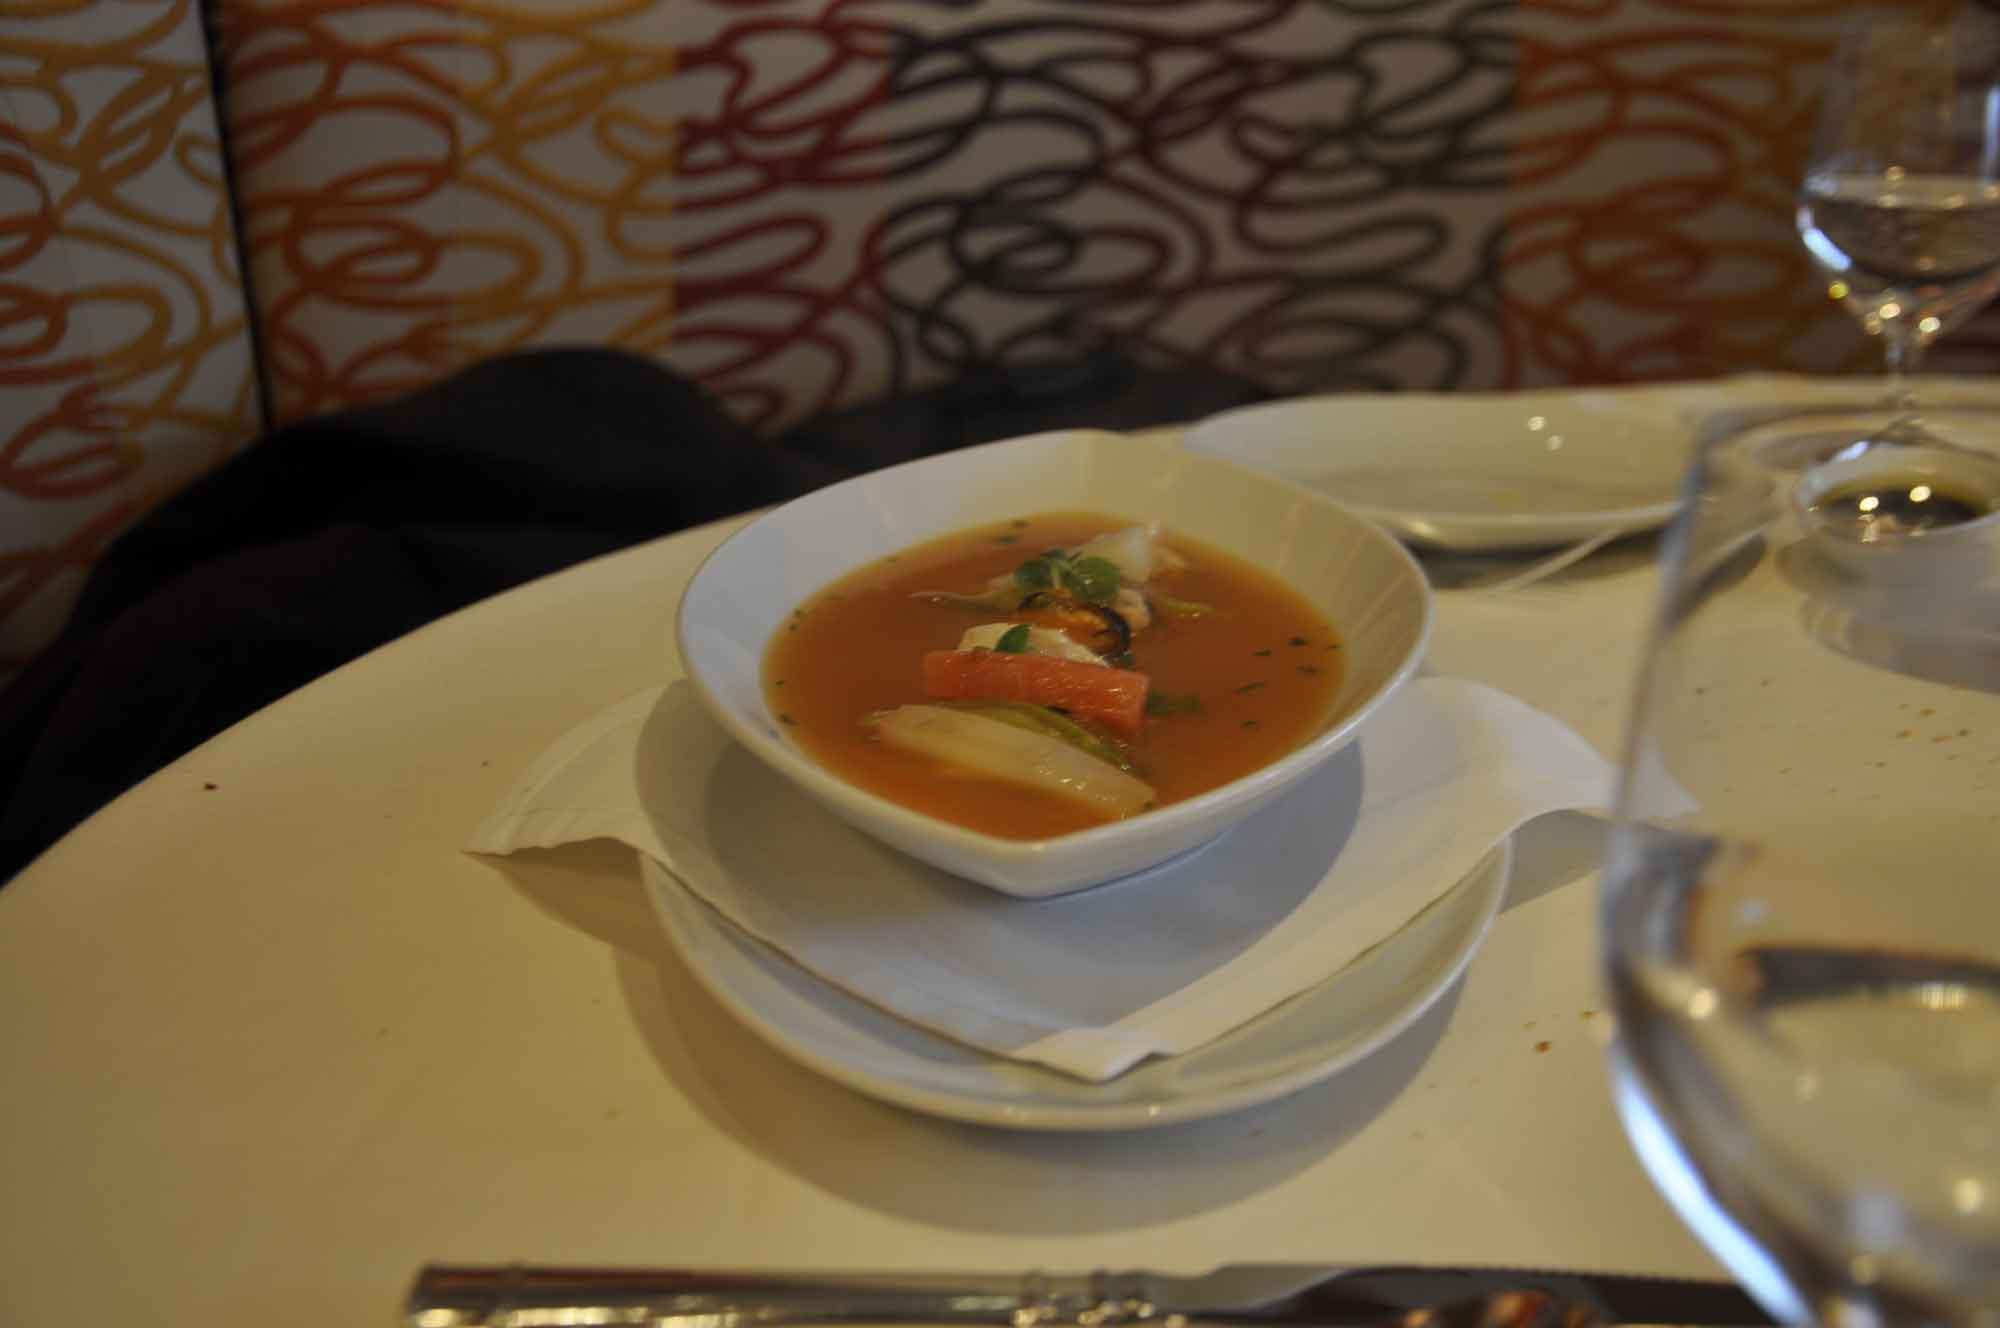 Il Treato Macau soup